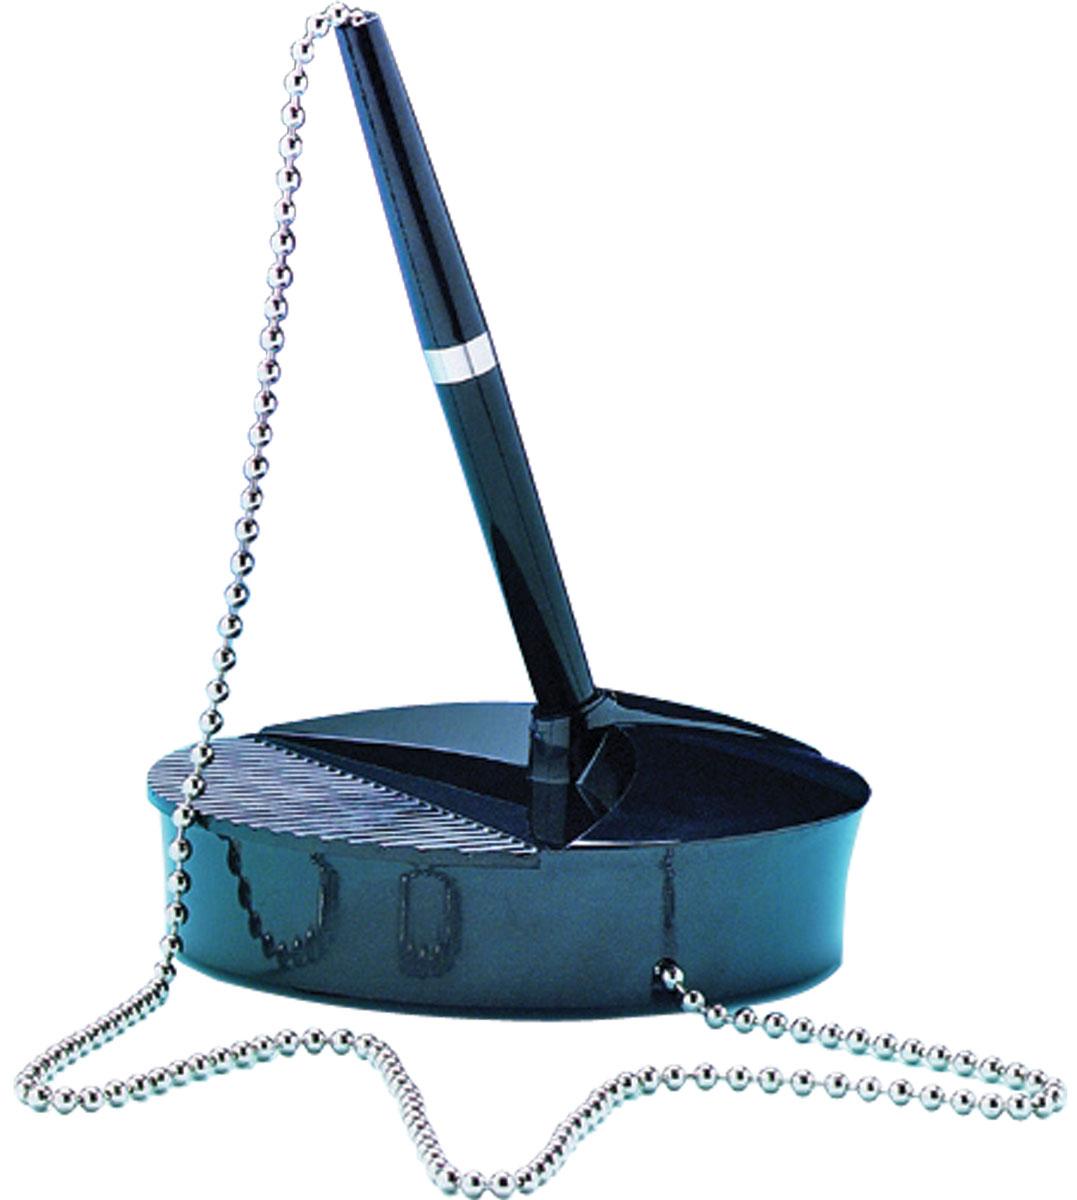 Fellowes Ручка шариковая на подставке синяя цвет корпуса черныйFS-98215Шариковая ручка Fellowes подходит для использования на информационных стойках и письменных столах. Антибактериальное покрытие Microban сохраняет чистоту и предотвращает развитие болезнетворных микробов. Хромовая цепочка длиной 520 мм для комфортного использования. Стабильное утяжеленное основание c присоской.